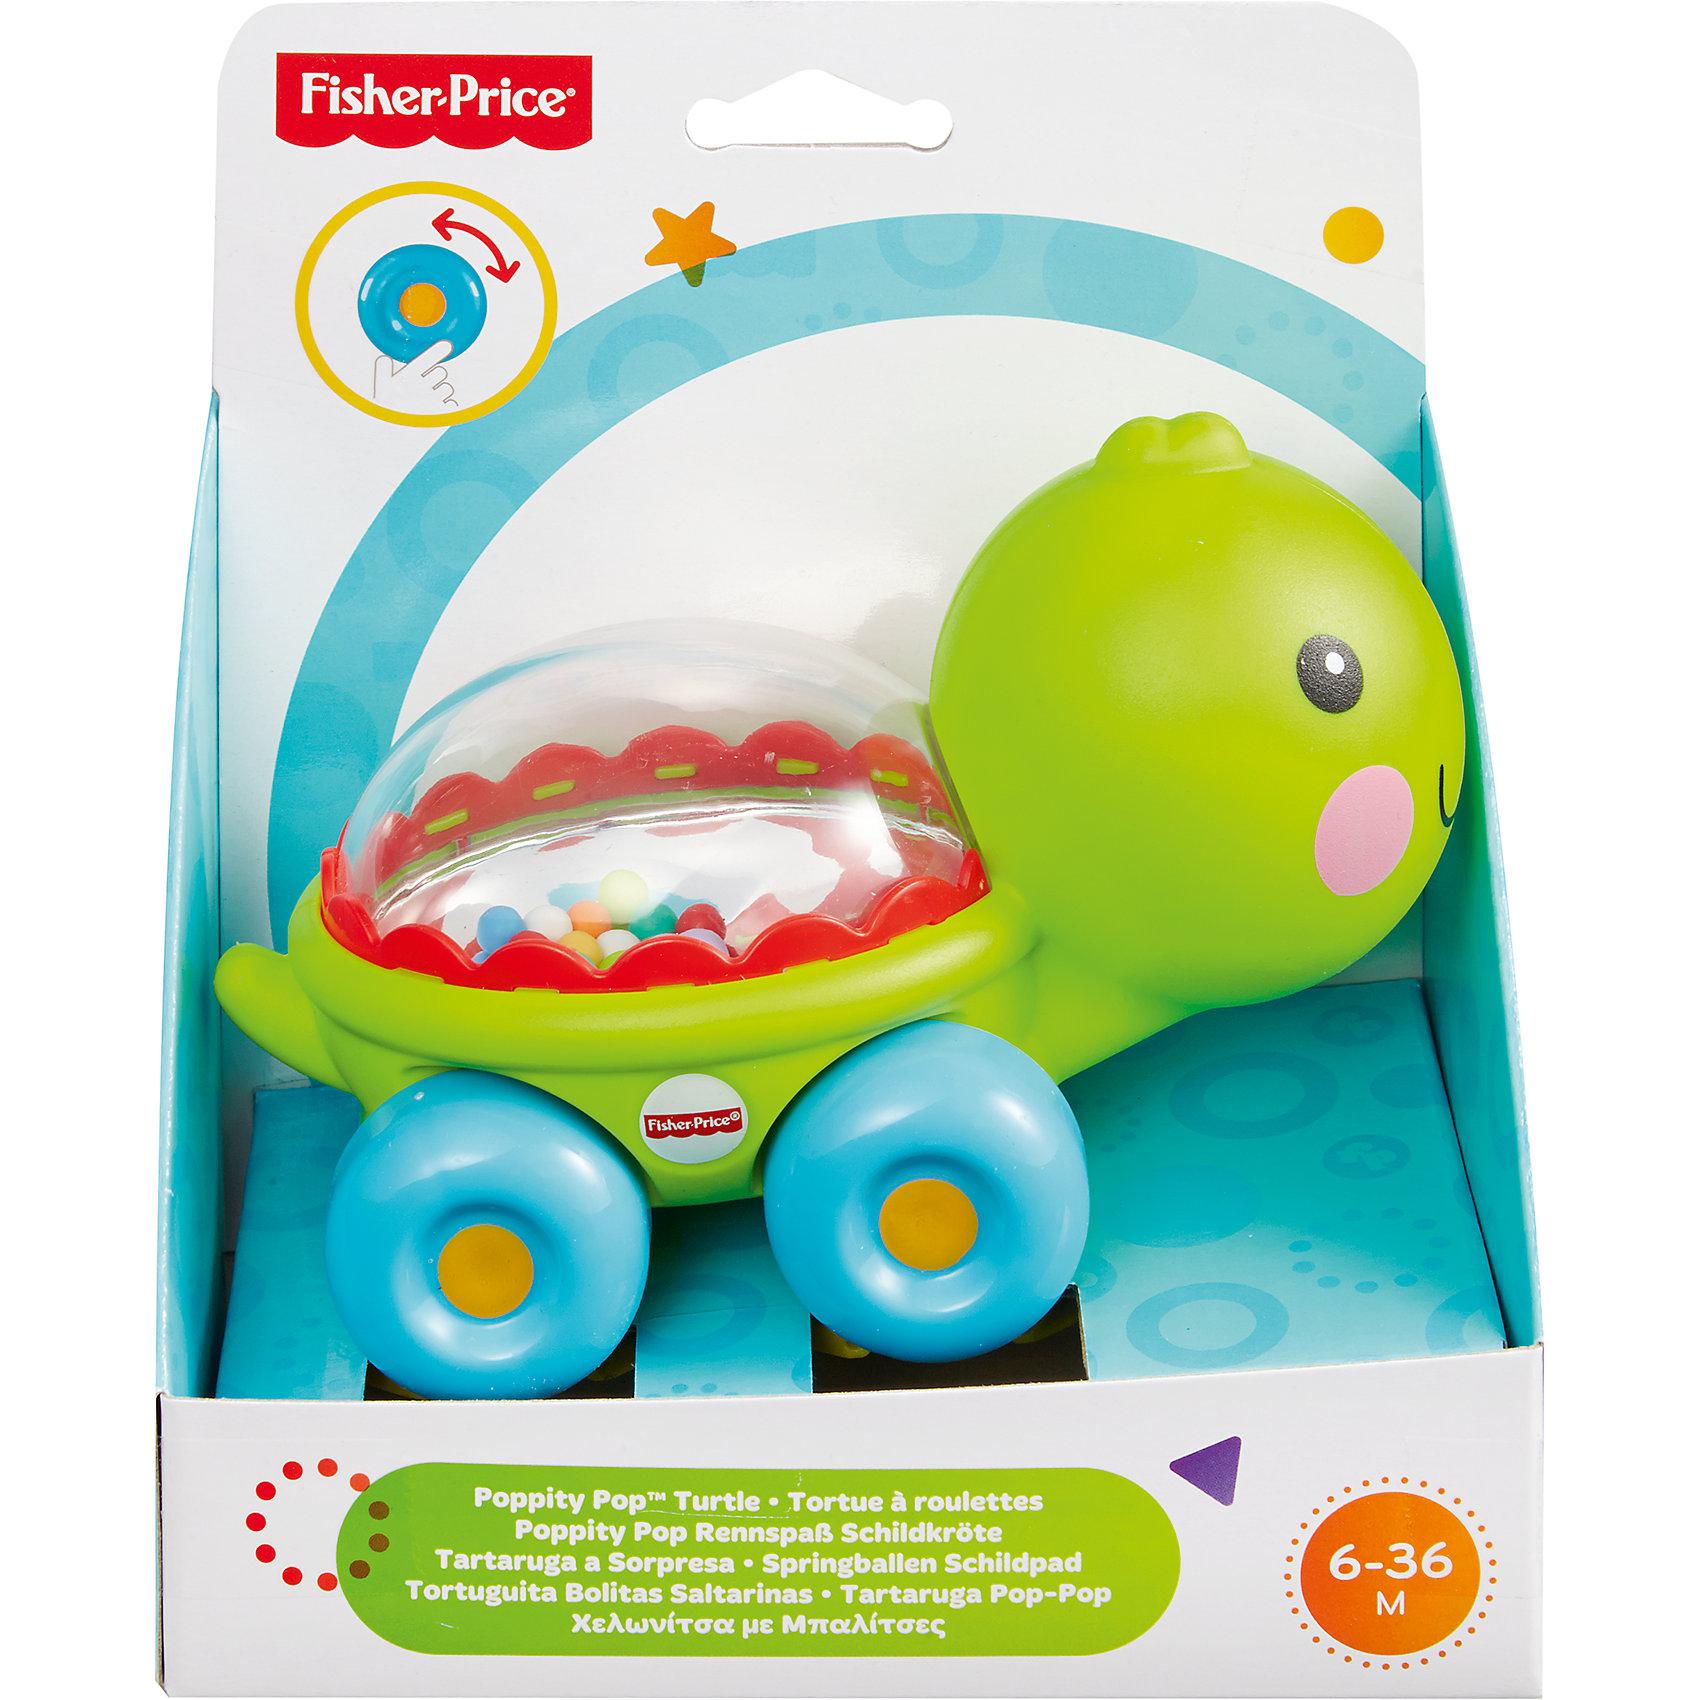 Веселая черепашка с прыгающими шариками, Fisher-PriceРазвивающие игрушки<br>Характеристики детской каталки «Веселая черепашка»:<br><br>• тип игрушки: каталка на колесиках;<br>• оформление игрушки: цветные шарики внутри прозрачного контейнера;<br>• звуковое сопровождение: эффект трещотки;<br>• материал: пластик;<br>• размер упаковки: 19х31х20 см;<br>• вес в упаковке: 200 г.<br><br>Развивающая игрушка Fisher-Price для малыша представлена в виде черепашки с прозрачным панцирем с зеркальным дном. Внутри панциря находятся цветные шарики, которые создают эффект трещотки во время движения игрушки. В процессе игры развивается наблюдательность, слуховое восприятие, координация движений. <br><br>Веселую черепашку с прыгающими шариками, Fisher-Price можно купить в нашем интернет-магазине.<br><br>Ширина мм: 150<br>Глубина мм: 95<br>Высота мм: 165<br>Вес г: 200<br>Возраст от месяцев: 6<br>Возраст до месяцев: 36<br>Пол: Унисекс<br>Возраст: Детский<br>SKU: 5285010